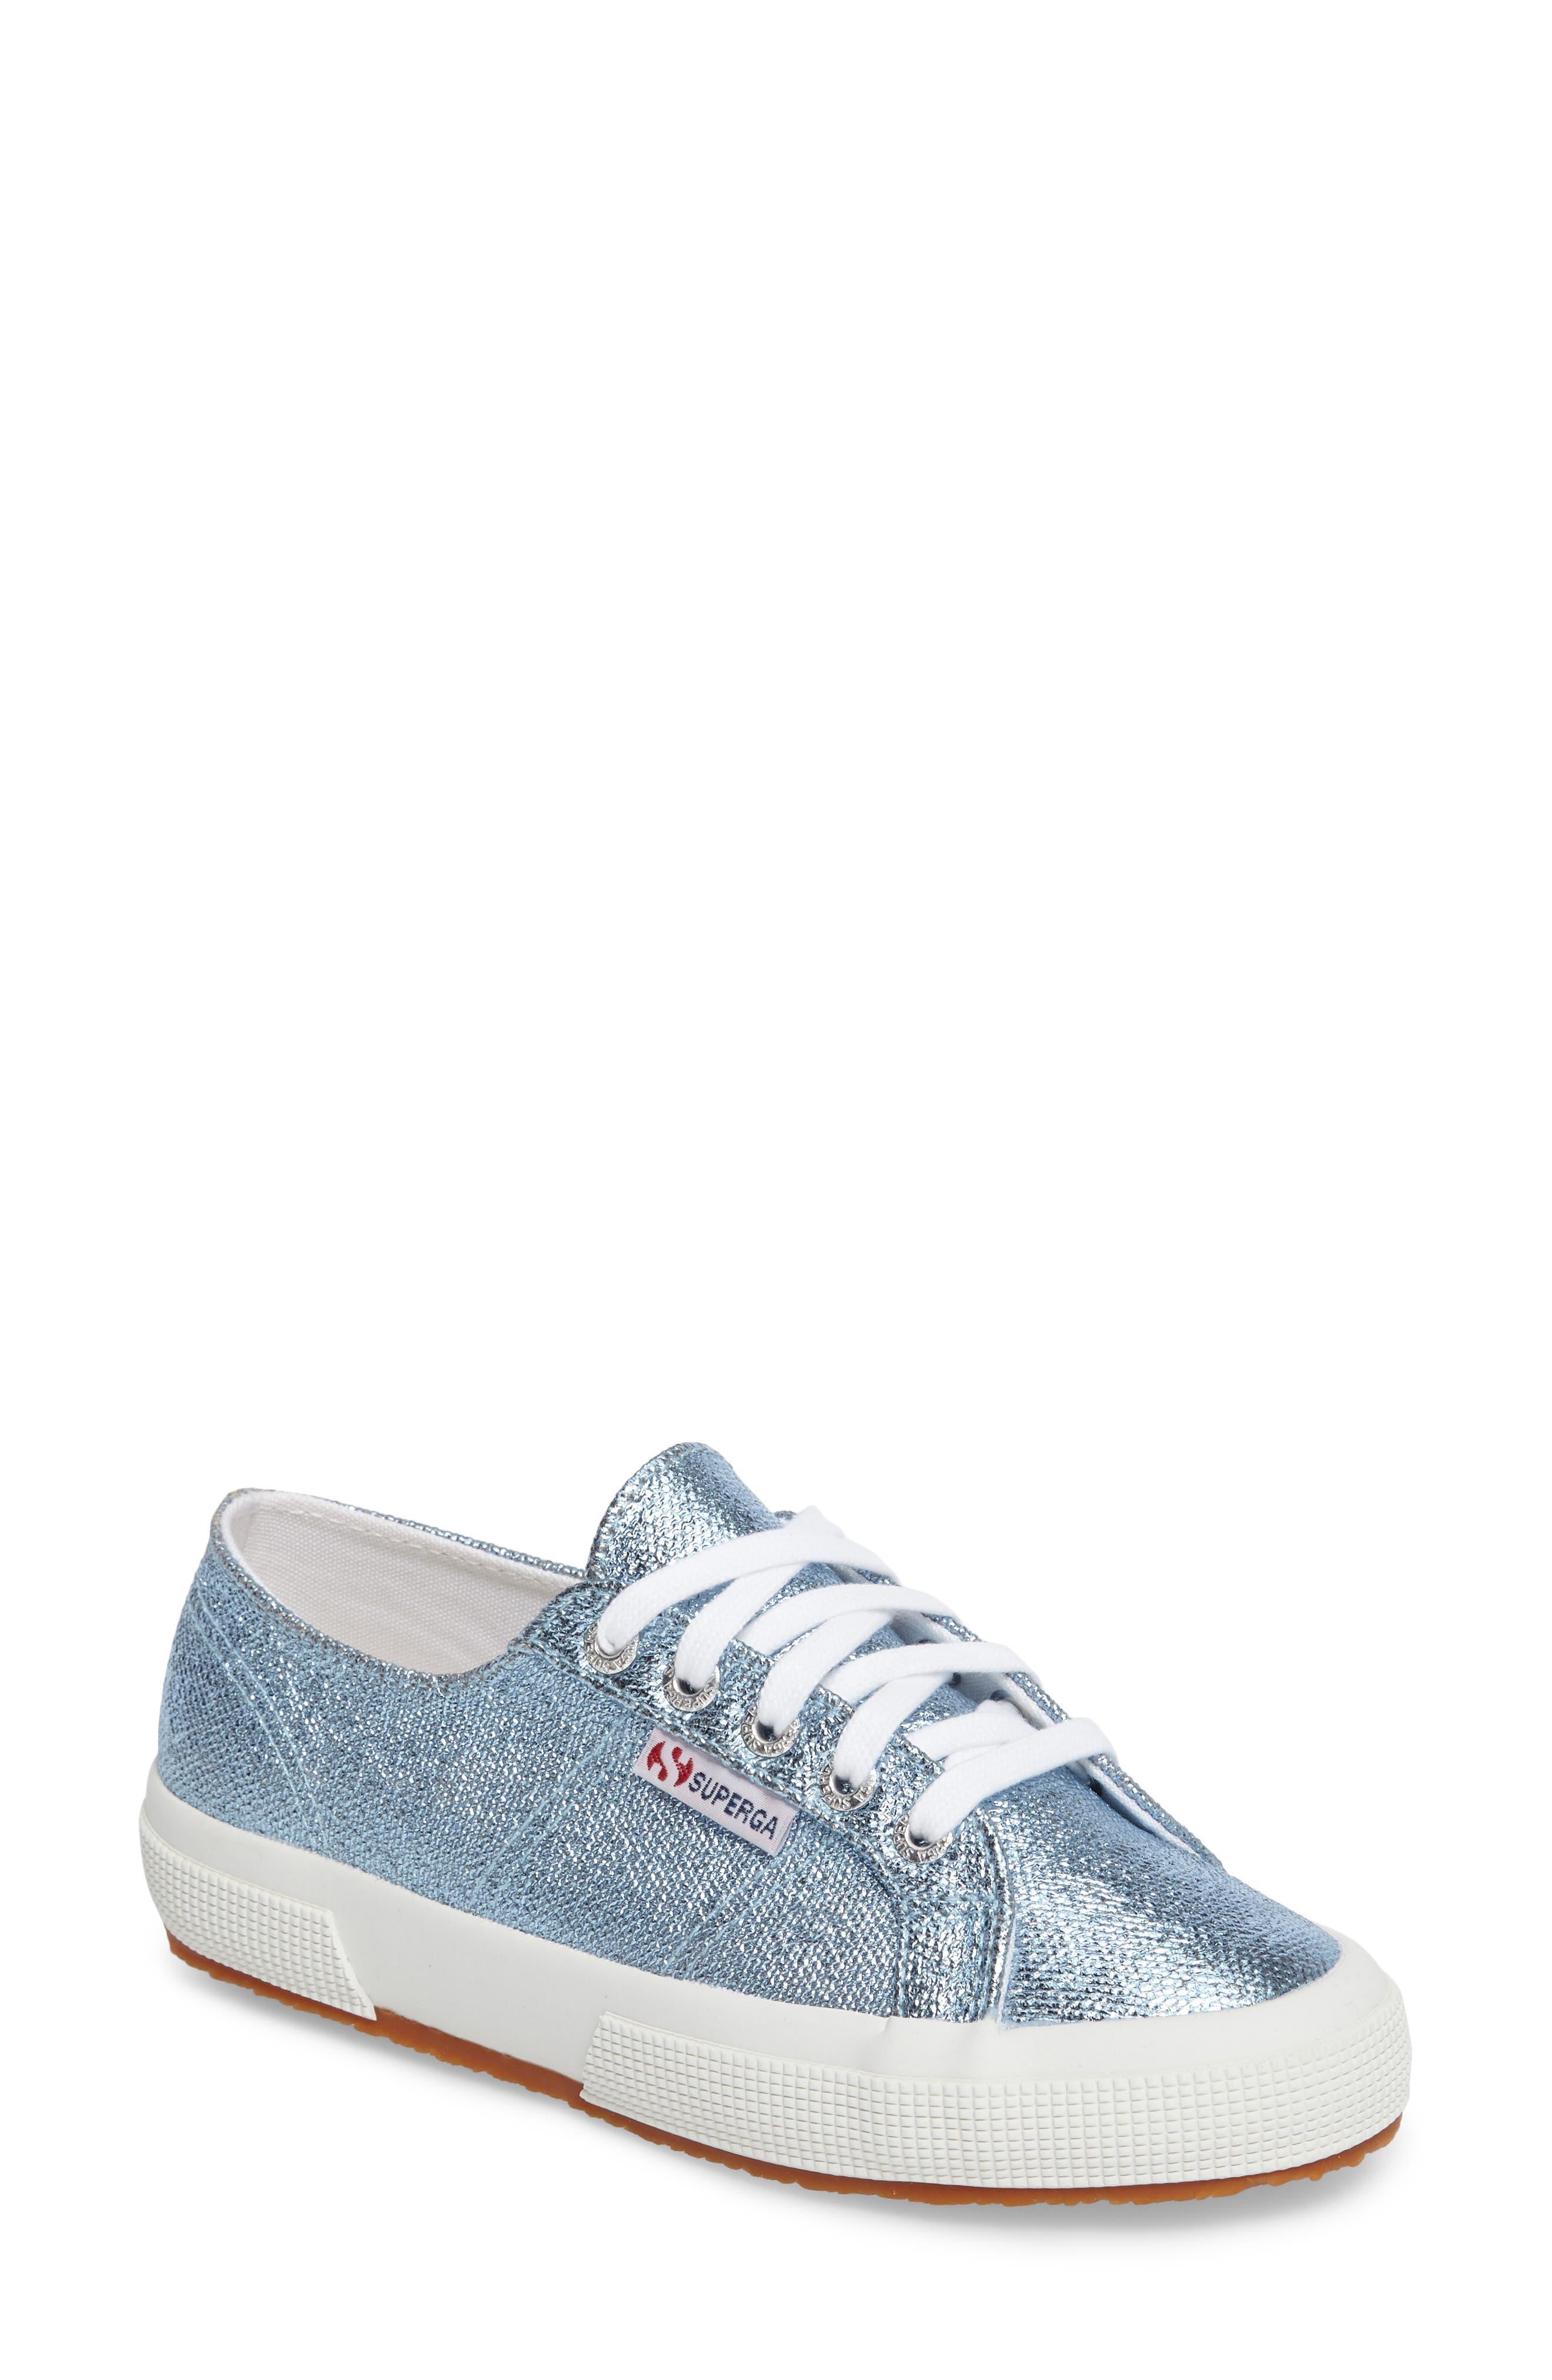 Superga 2750 Metallic Sneaker (Women)